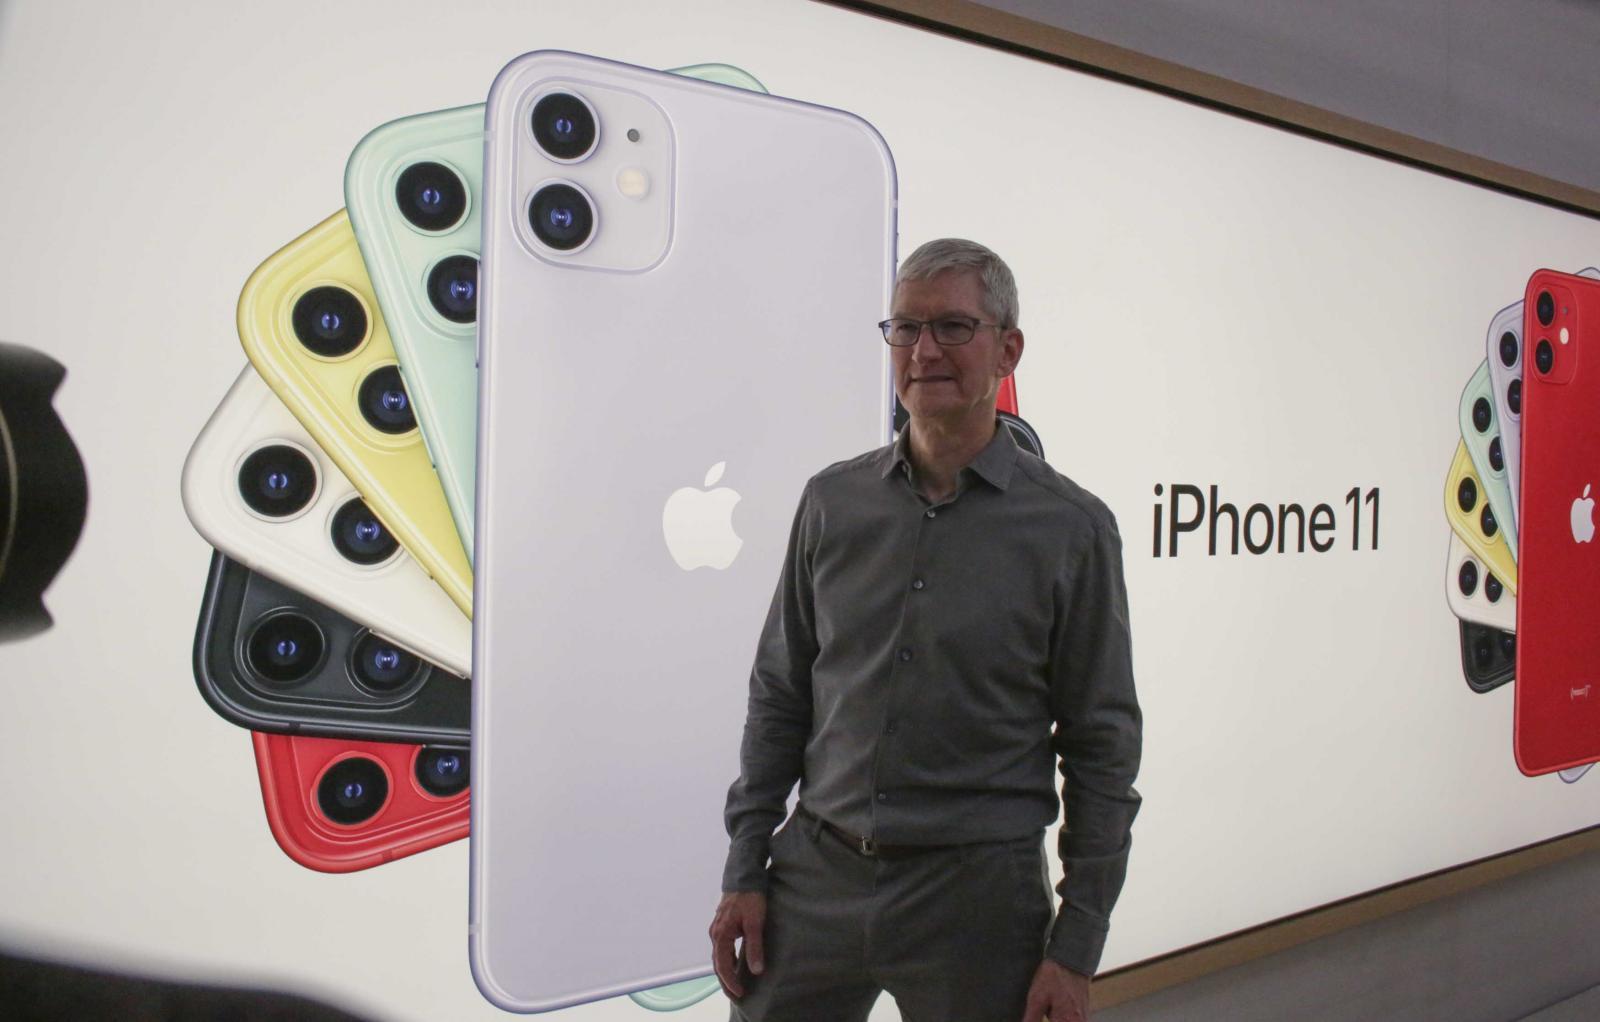 ยอดขายไอโฟนลดลง 9 เปอร์เซนต์